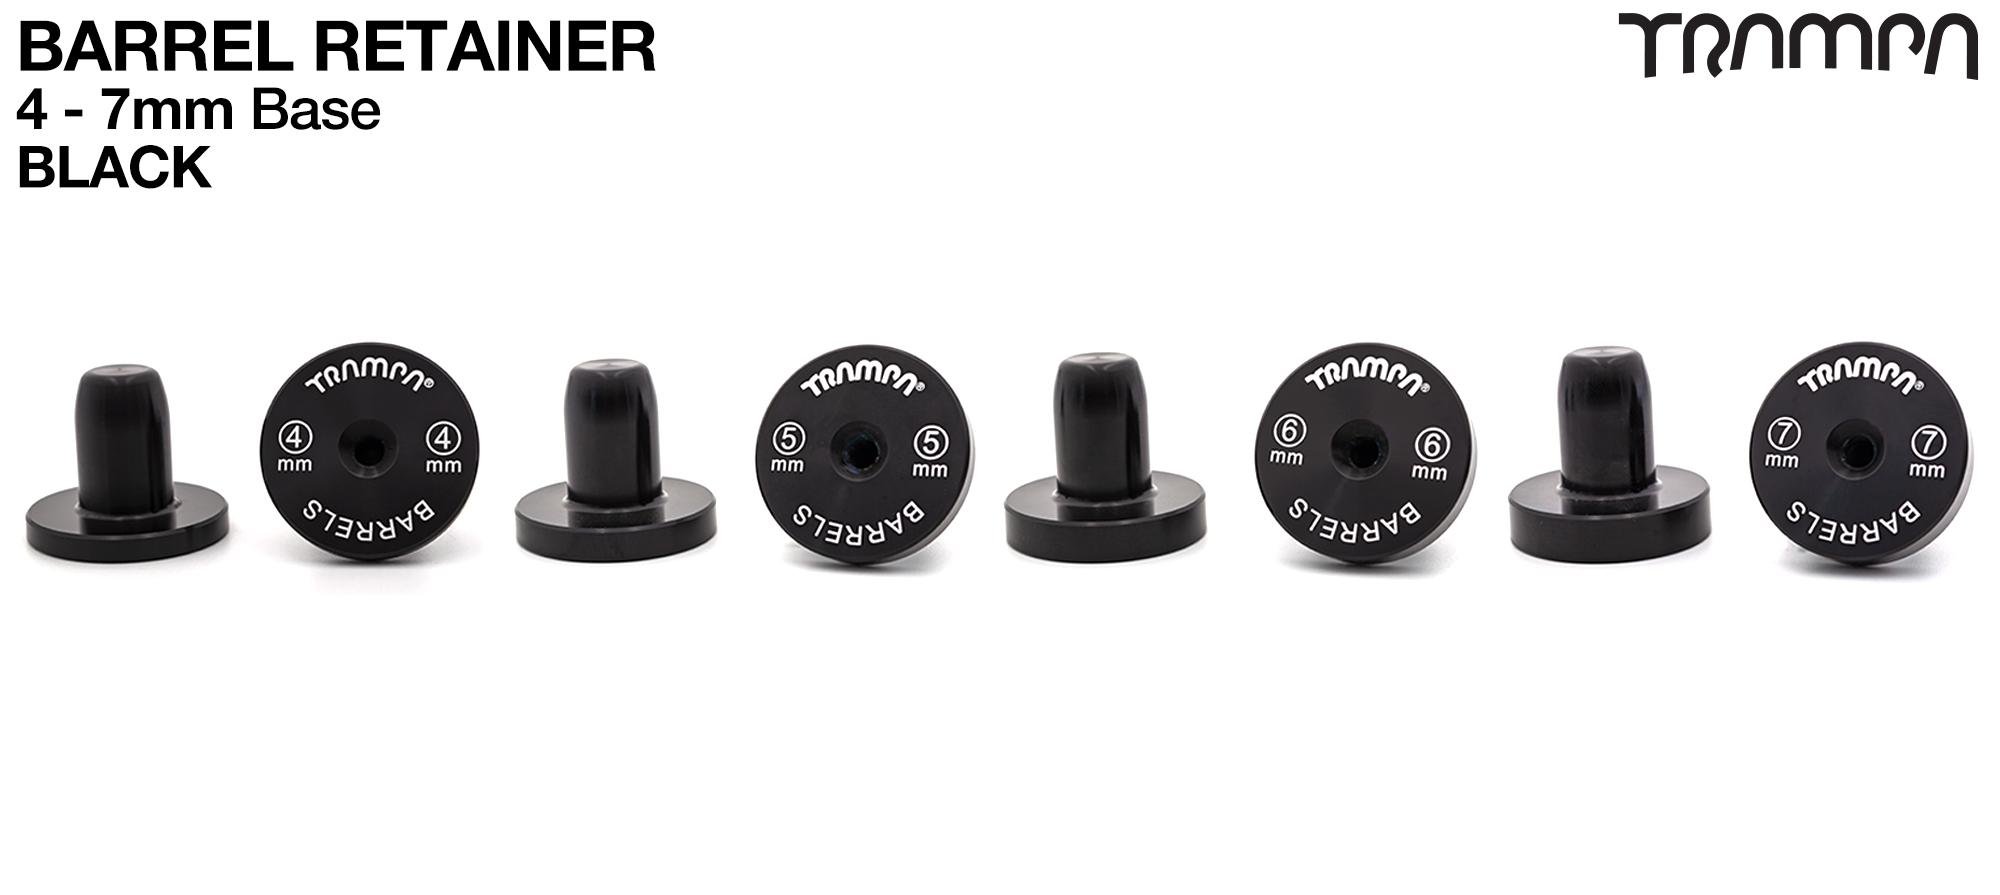 BARRELS Retainer 4,5,6 or 7mm BASE - BLACK